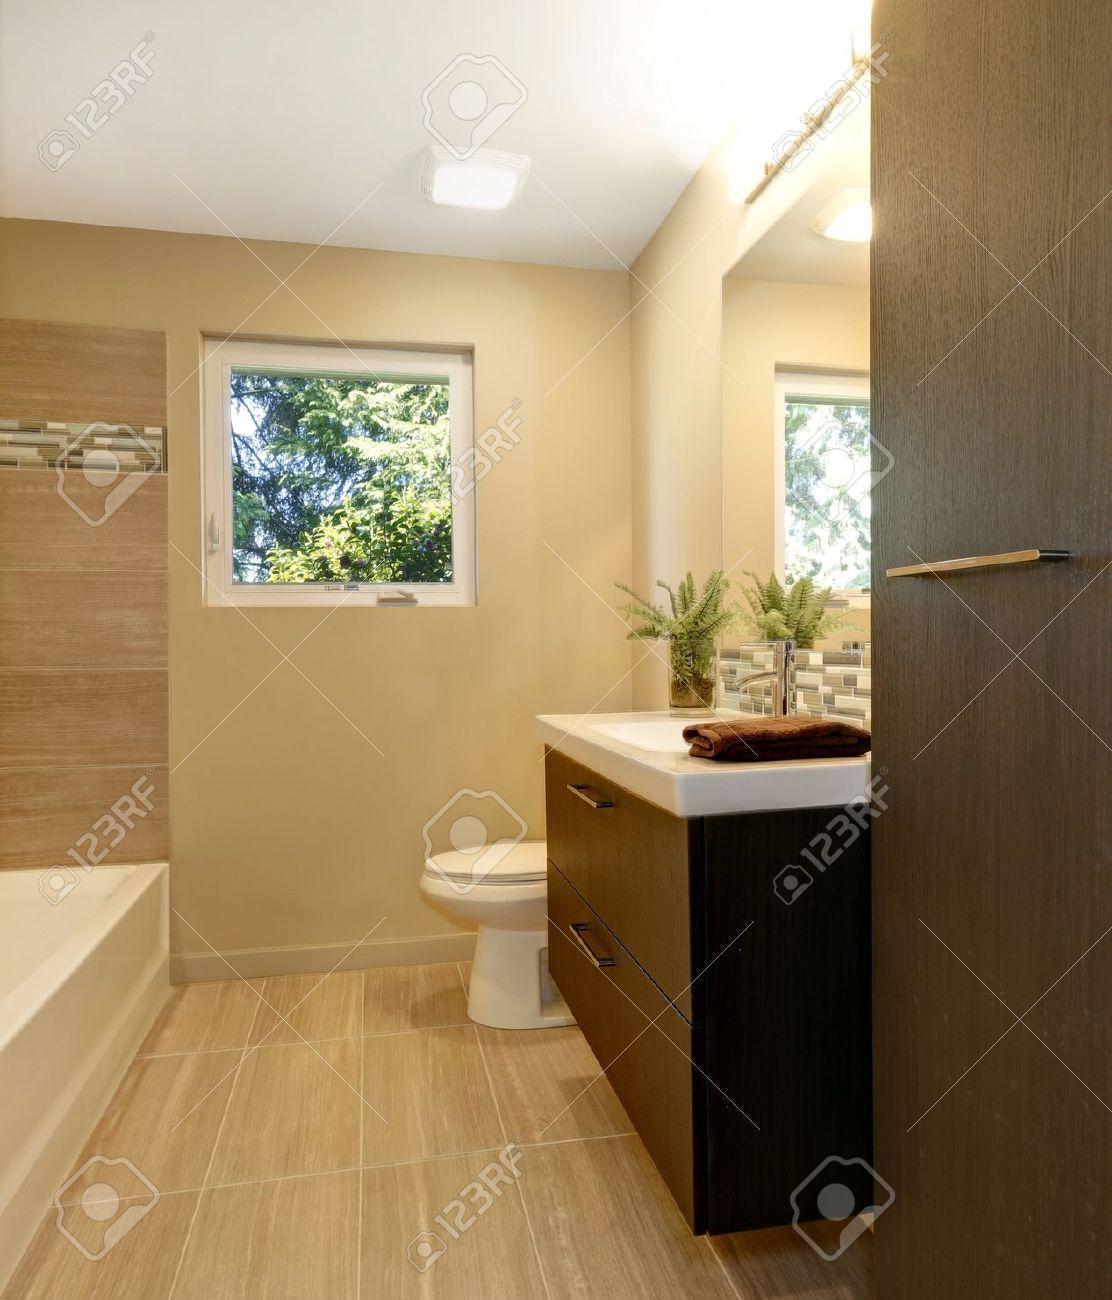 Beige nuevo cuarto de baño moderno, con muebles de madera de color ...